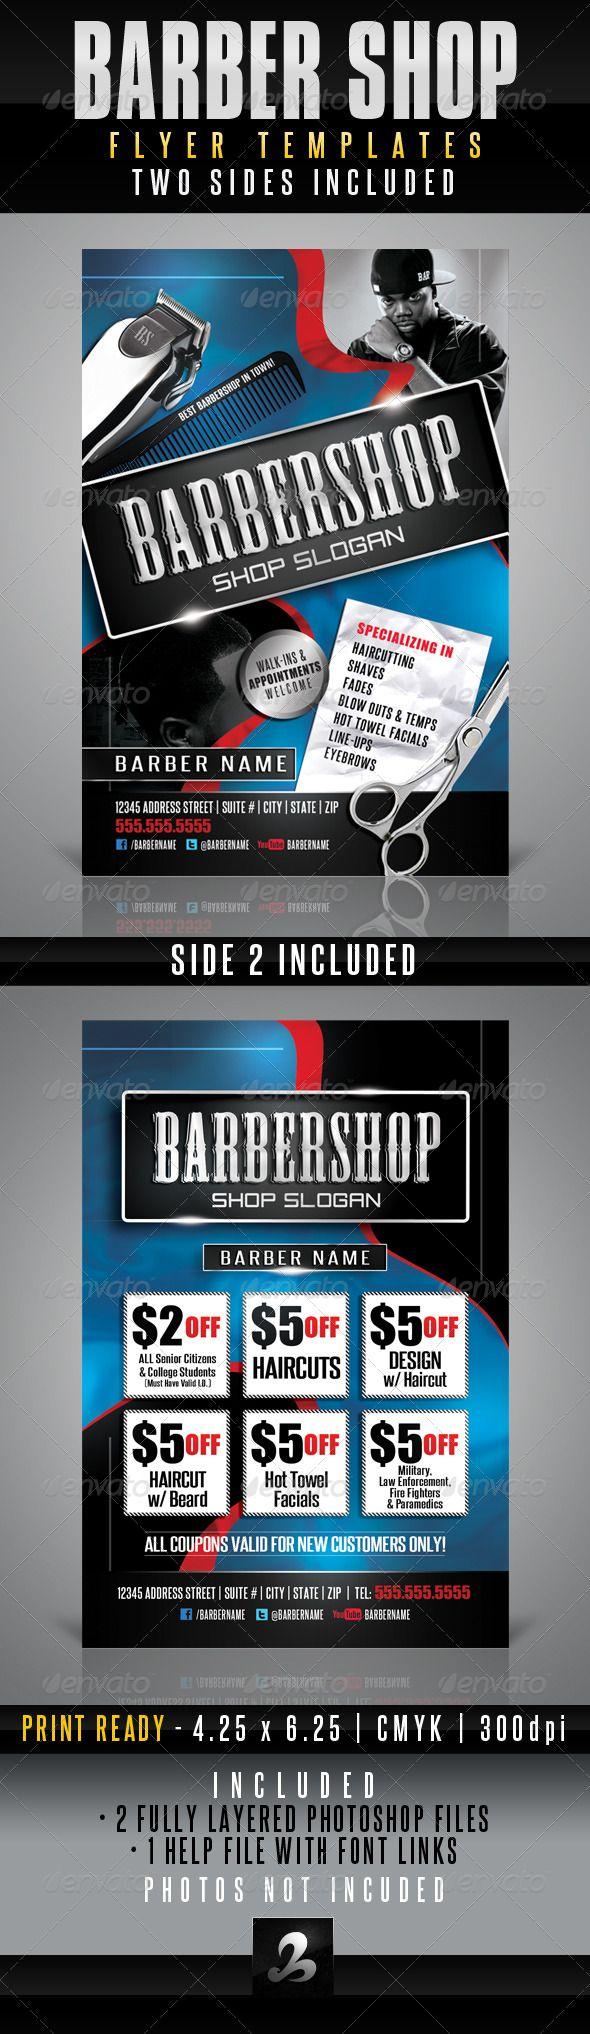 Barbershop Flyer Templates Barber Shop Flyer Flyer Templates Barber shop flyer free template